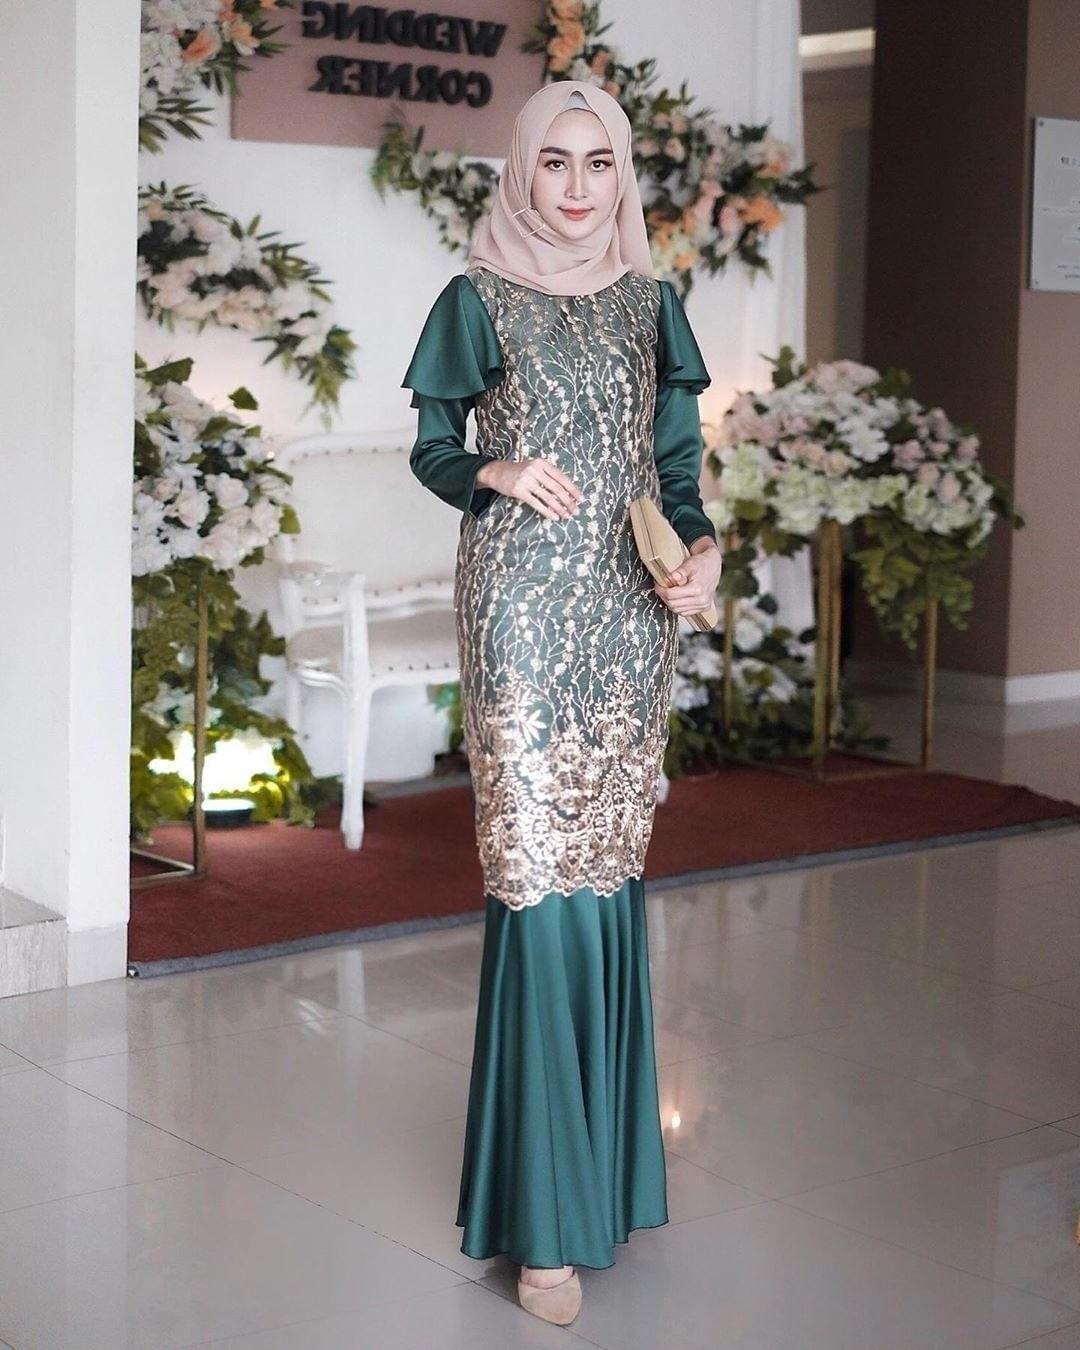 Bentuk Baju Lebaran Pria 2020 Tqd3 6 Tren Model Gaun Pesta Untuk Muslimah 2020